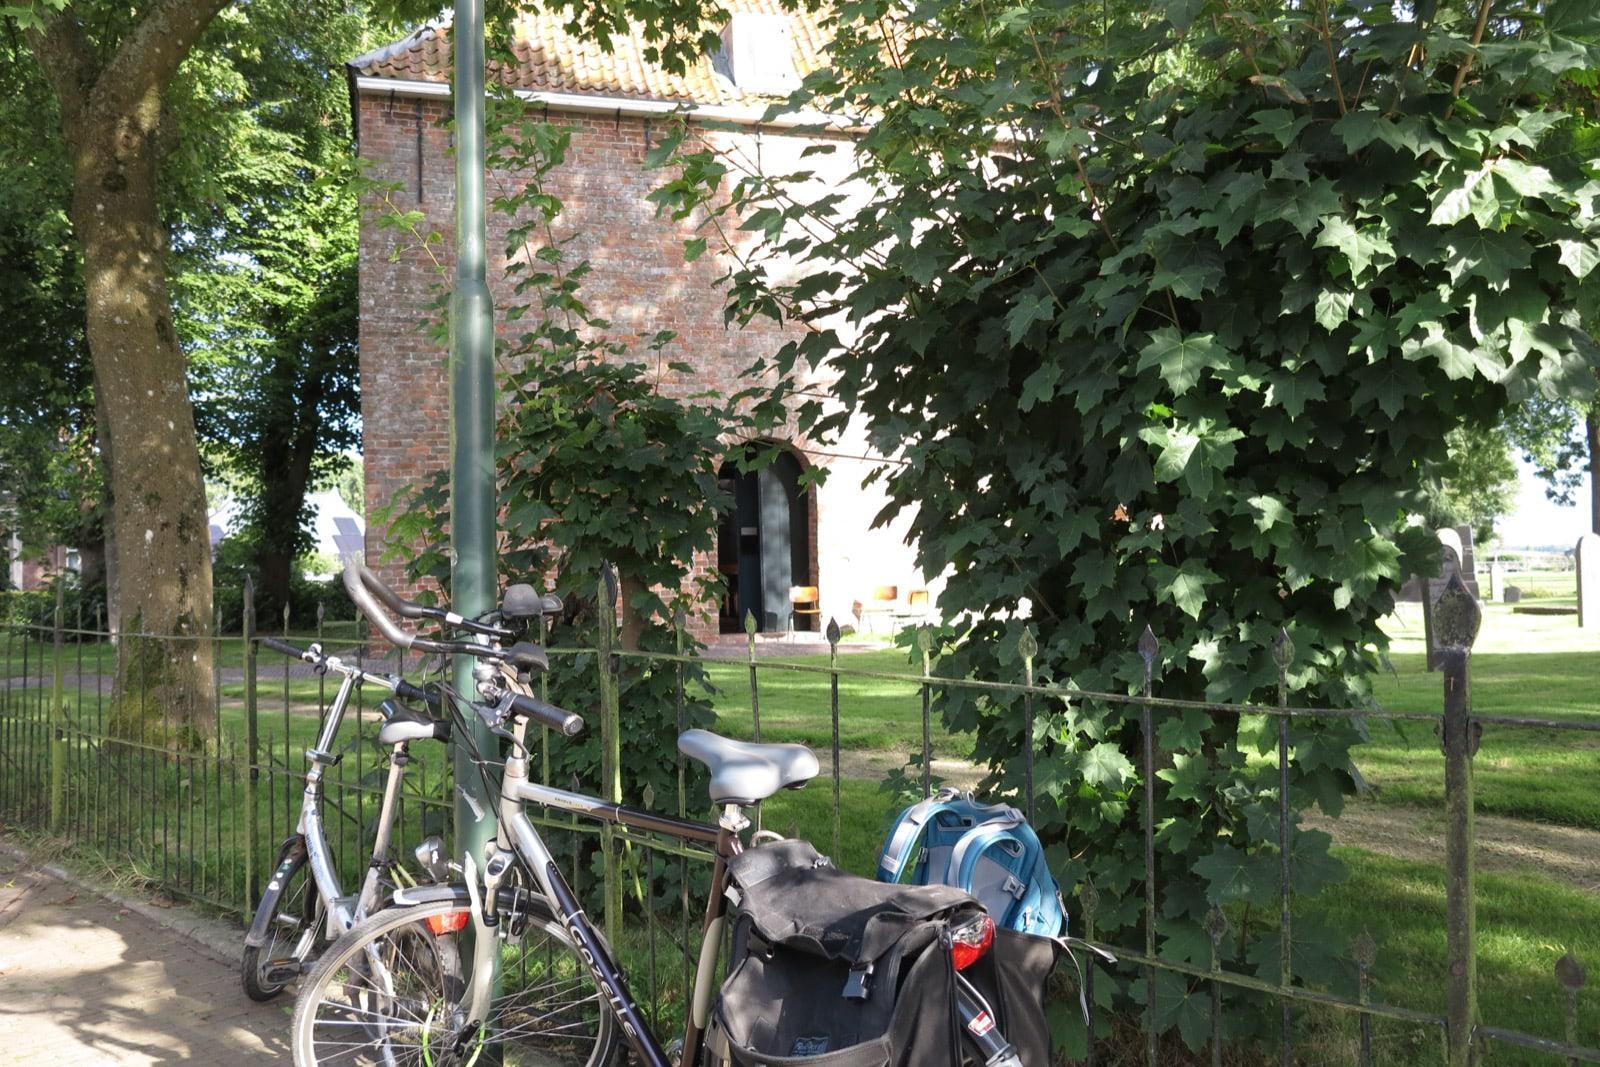 et-fiets-en-fietser-76-monumentendag-kloosterkerk-oi.jpg